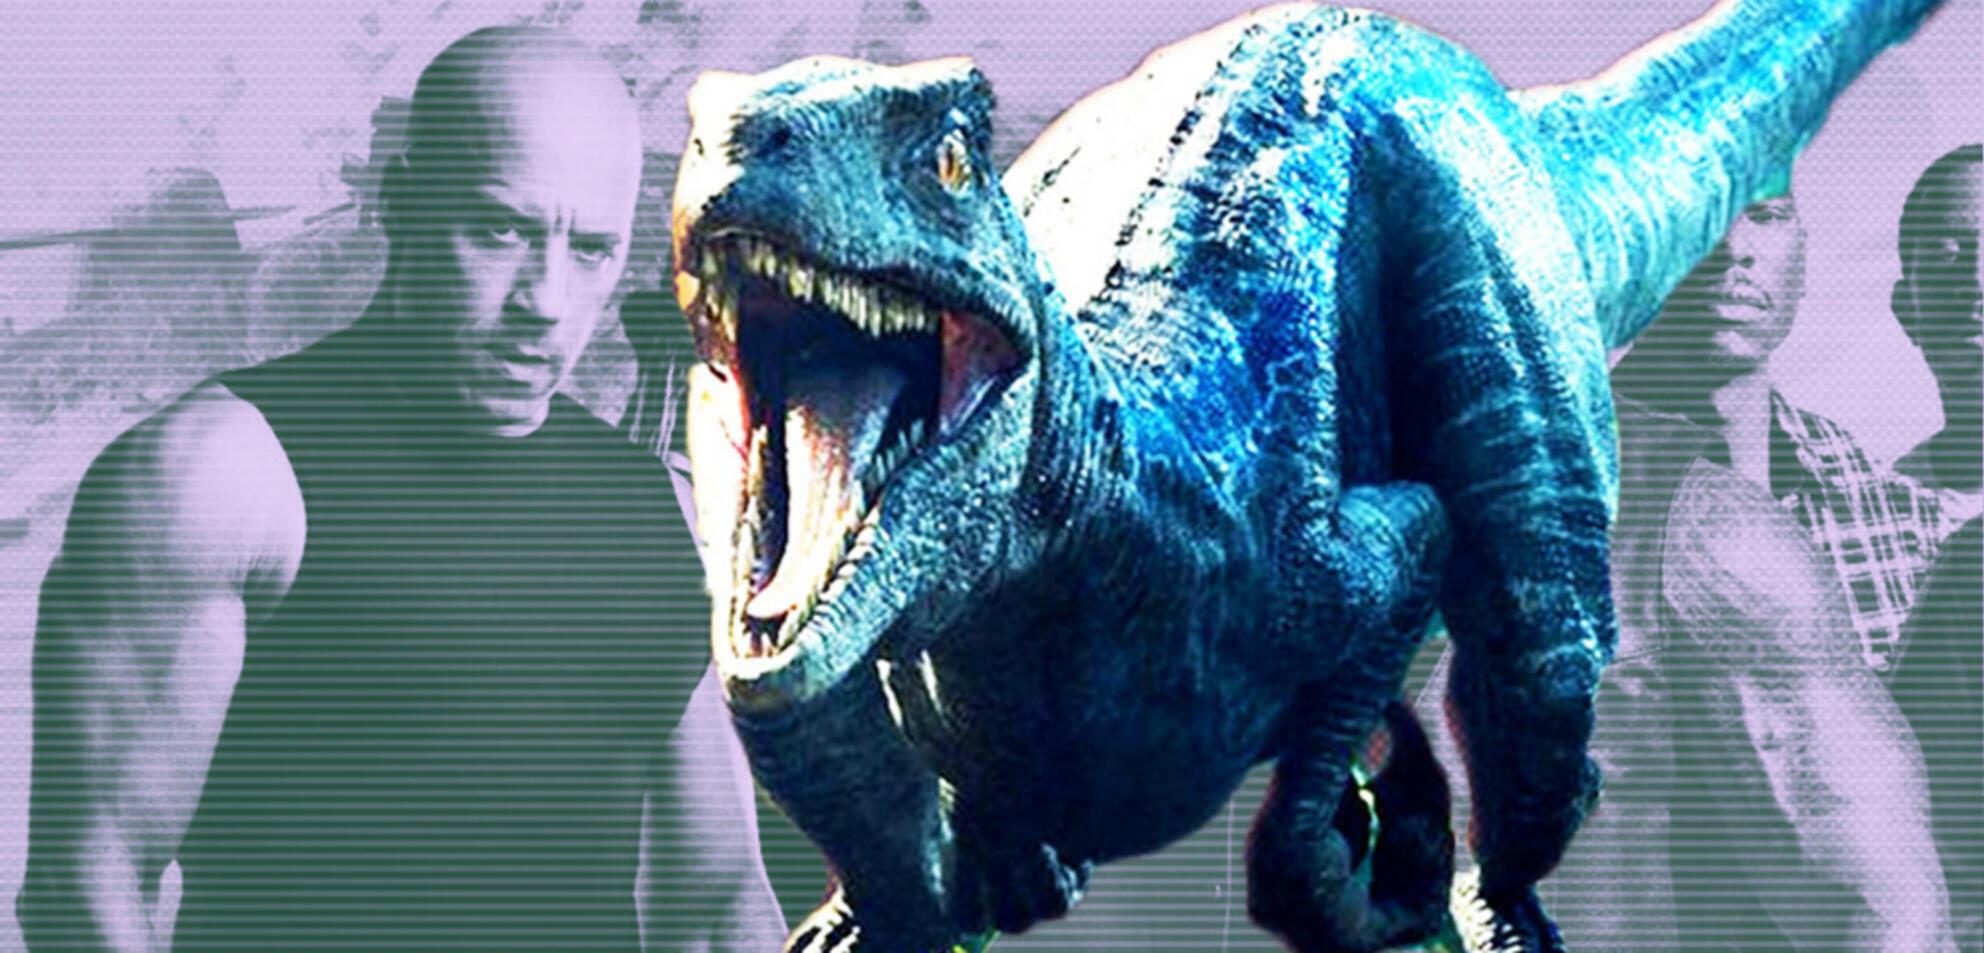 Fast & Furious rast durch Jurassic World und Marvel kämpft gegen DC: Crossover sind die Zukunft des Kinos